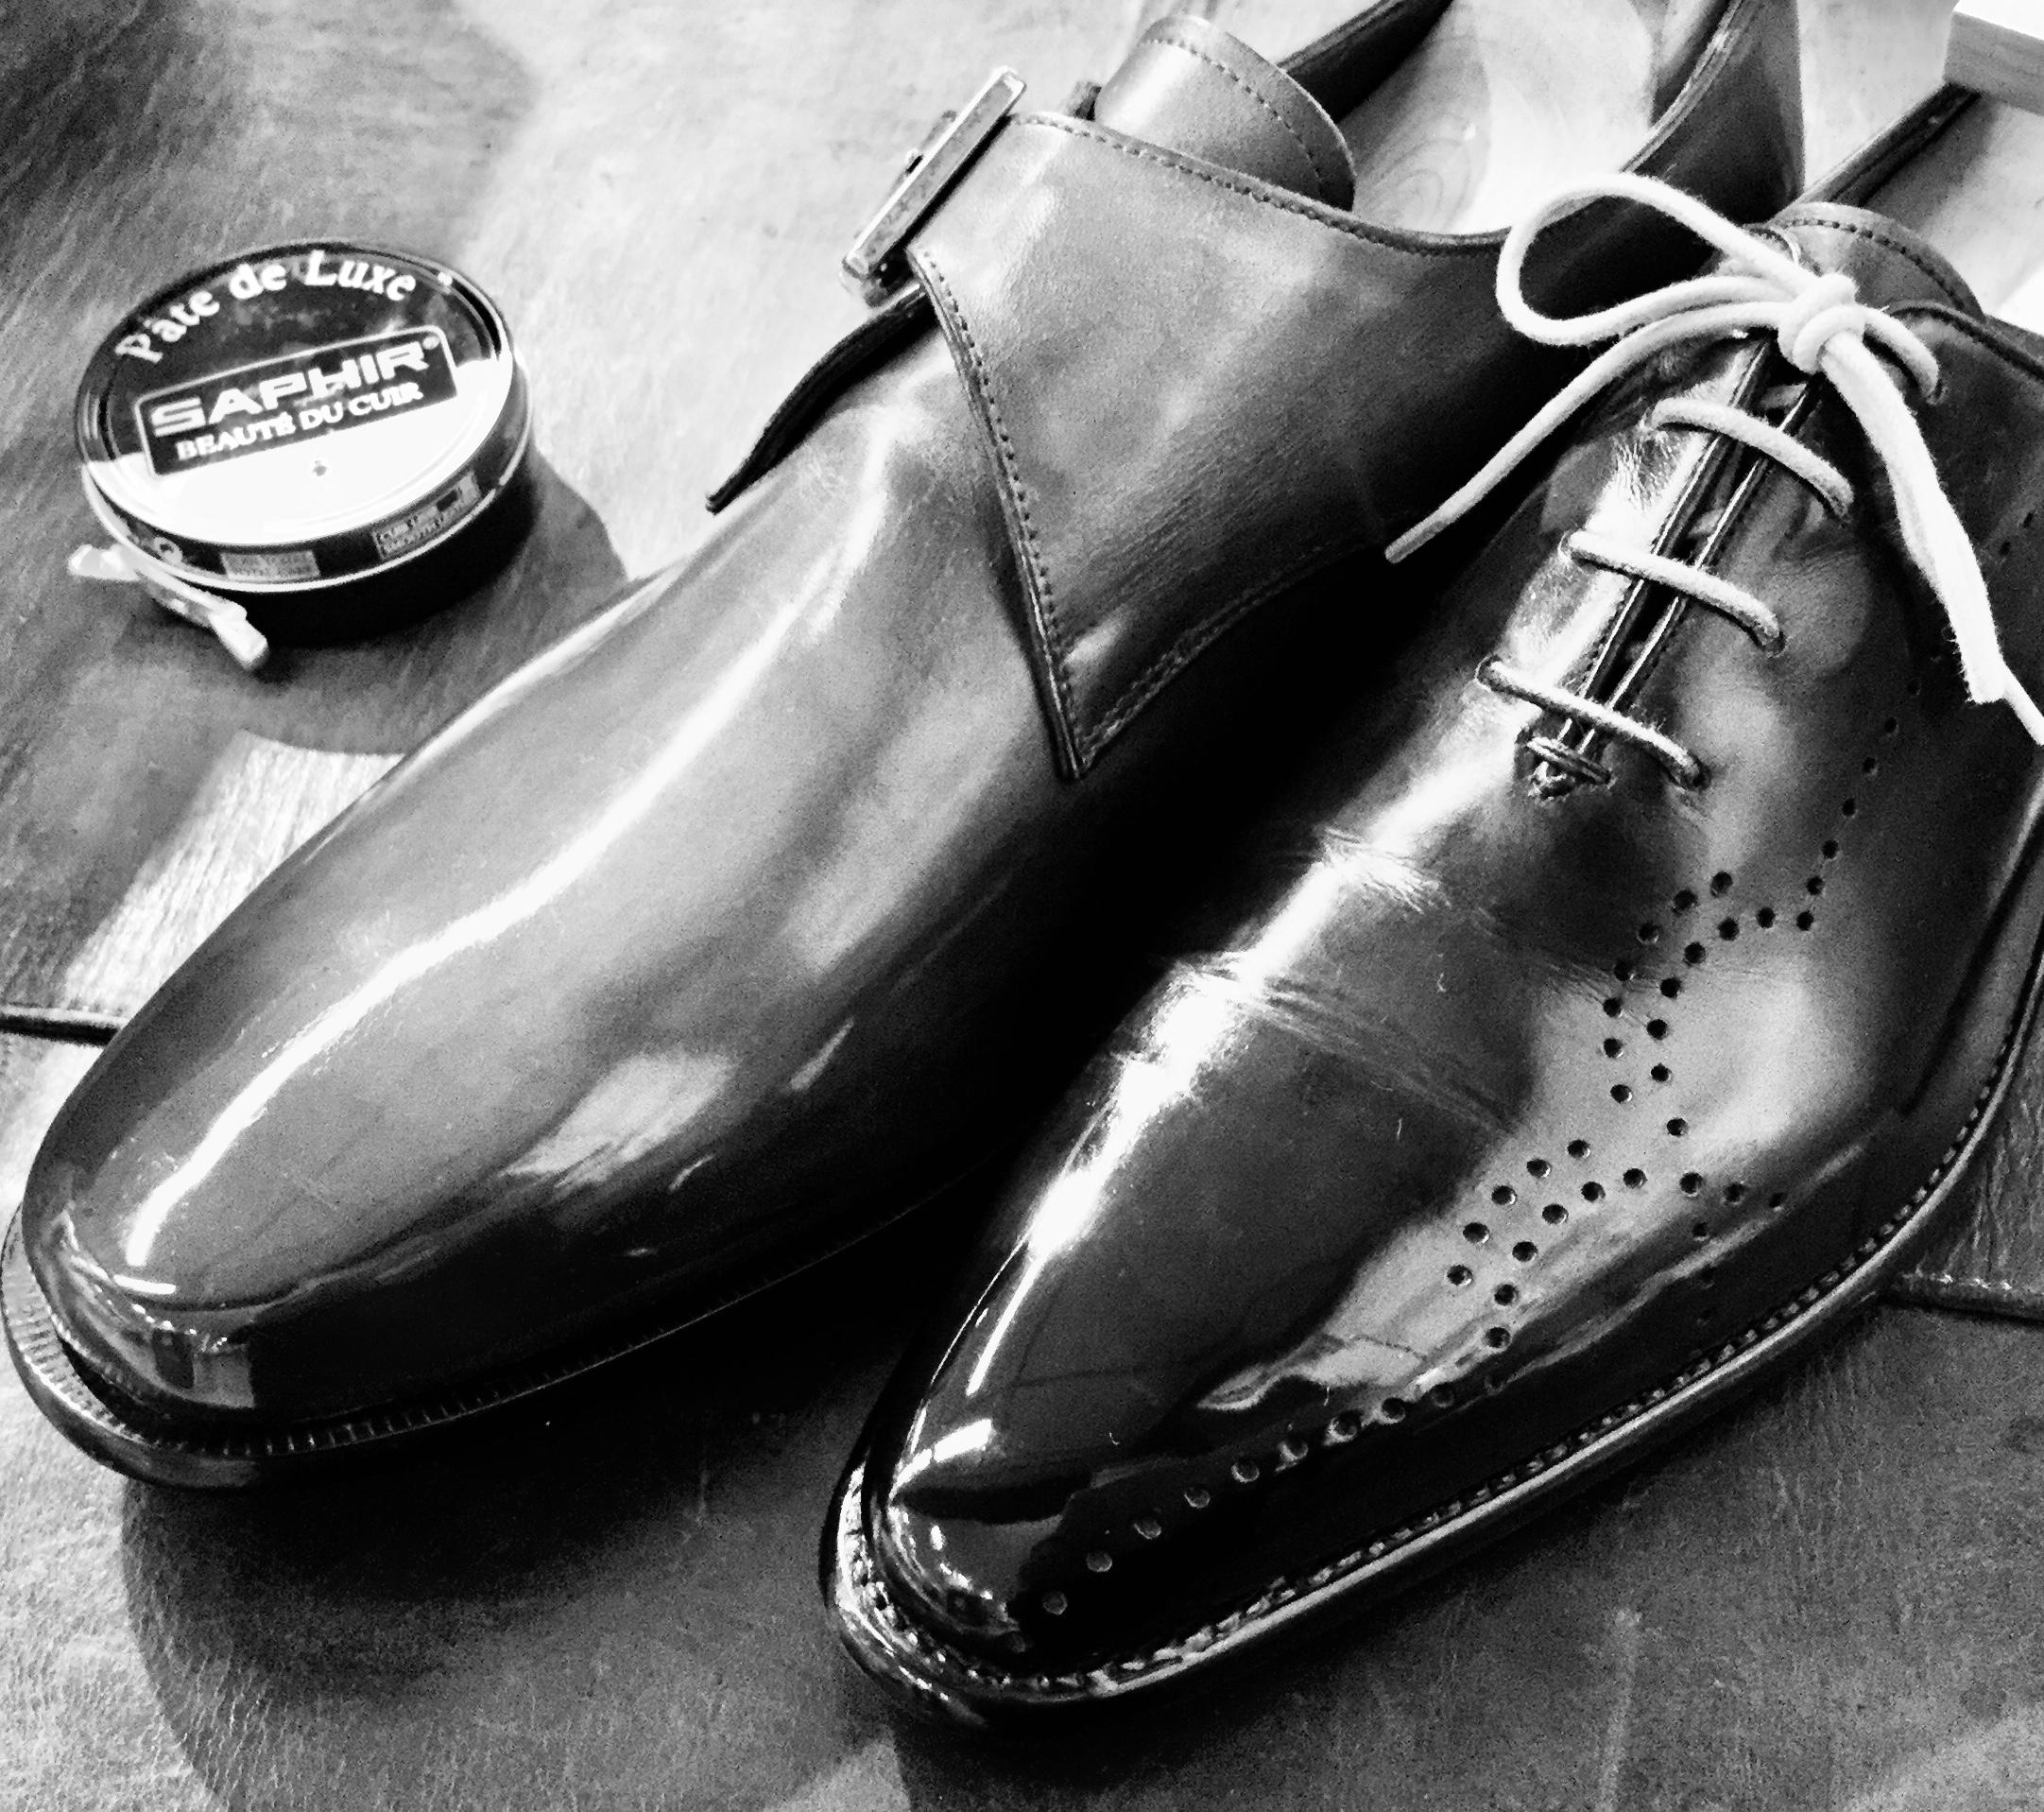 サフィール ビーズワックスポリッシュで鏡面磨きをした革靴